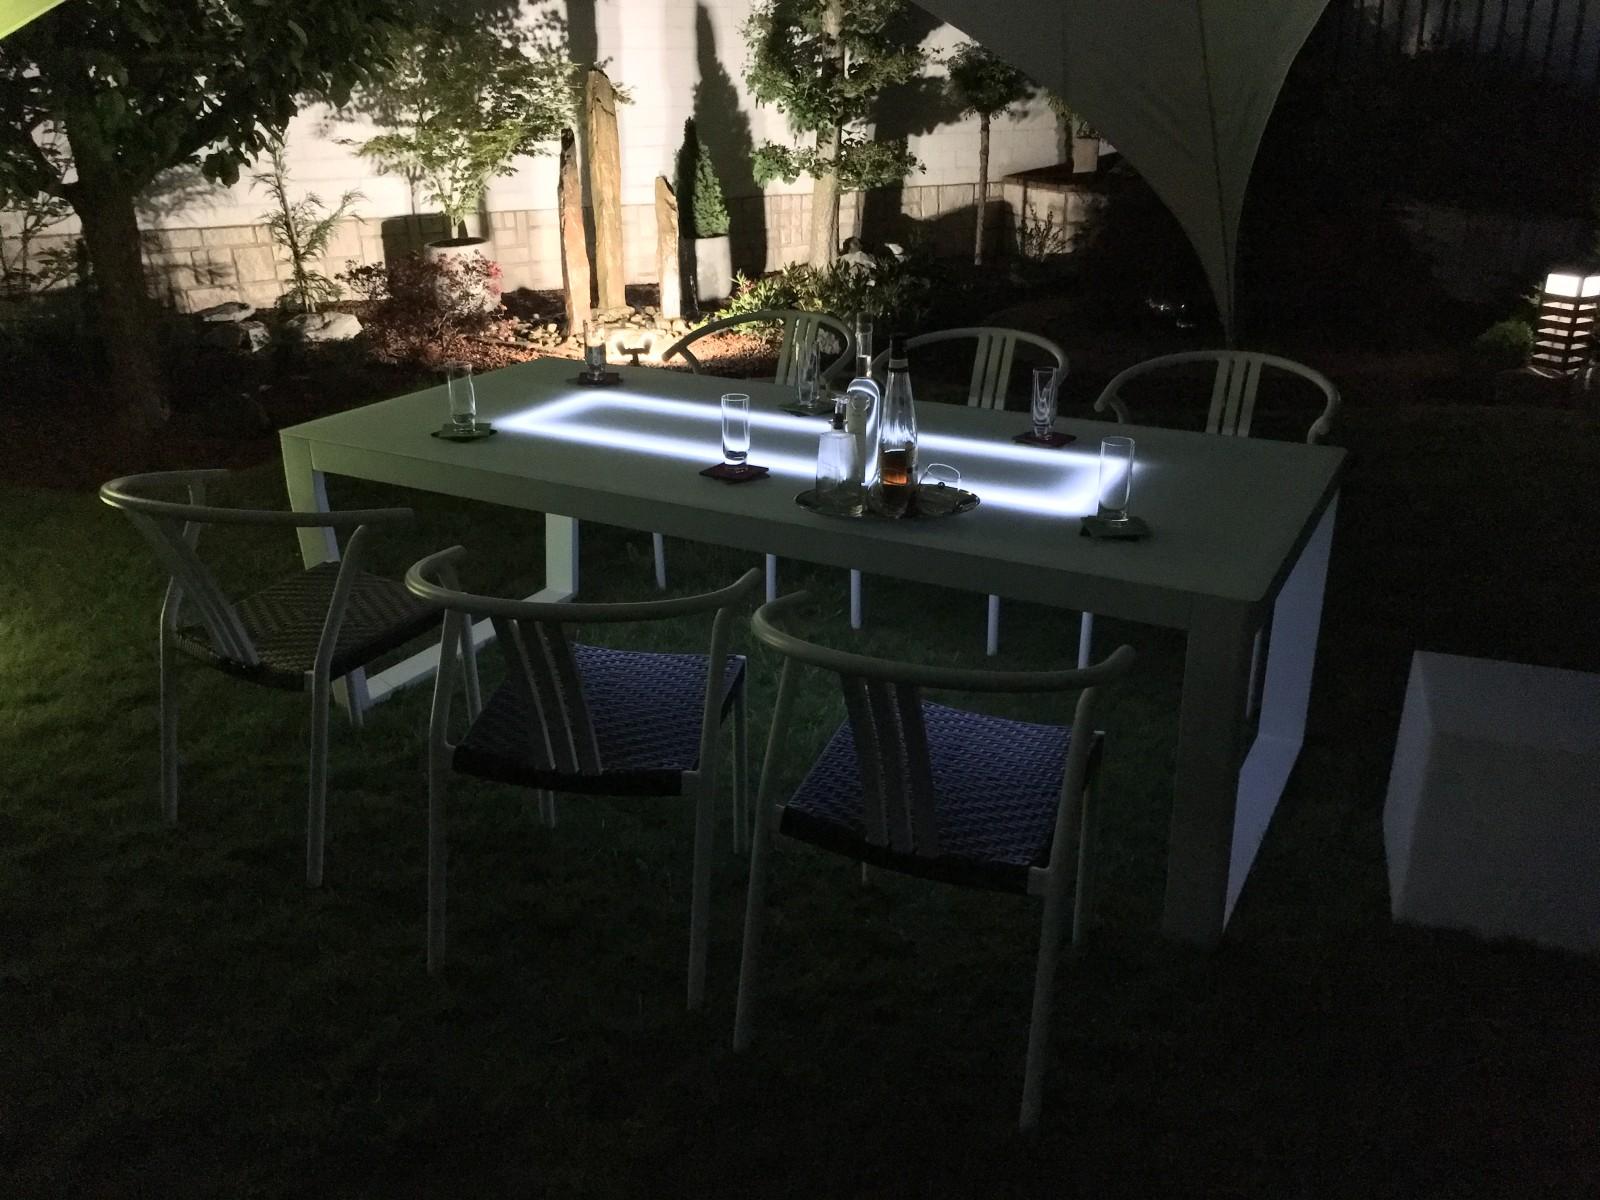 leco alu solar glas tisch exklusivline 220cm gartentisch. Black Bedroom Furniture Sets. Home Design Ideas